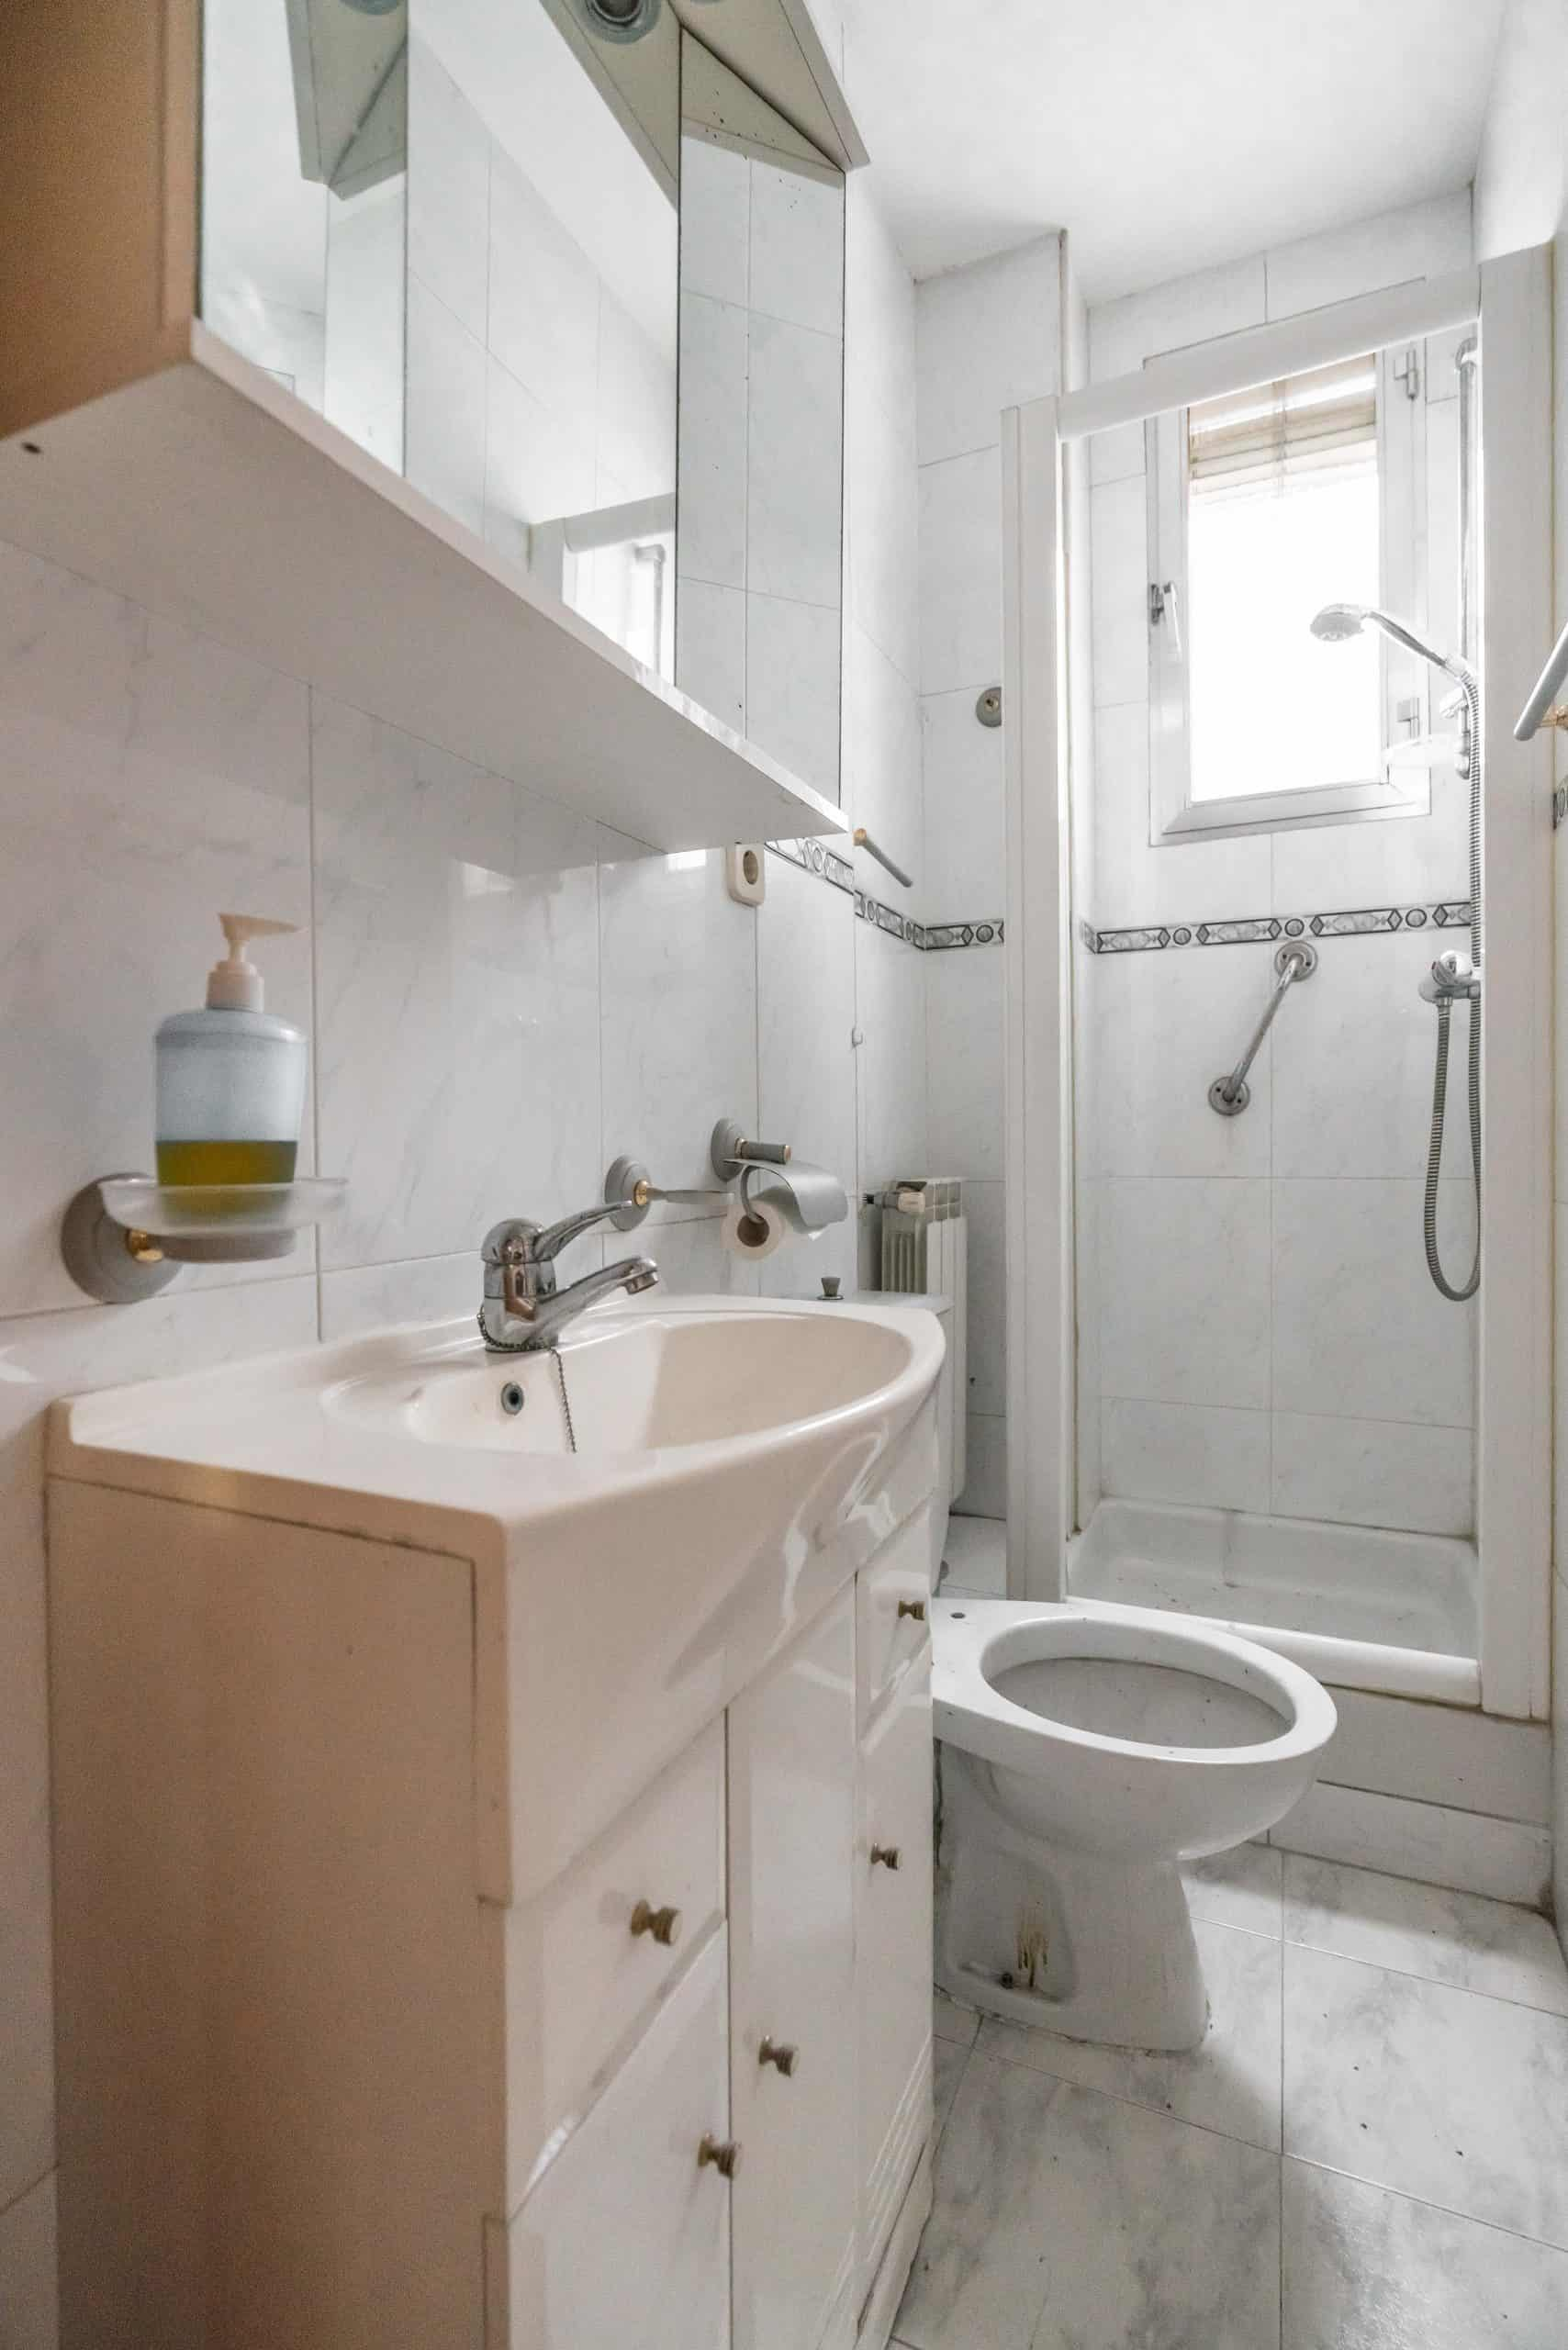 Agencia Inmobiliaria de Madrid-FUTUROCASA-Zona ARGANZUELA-EMBAJADORES-LEGAZPI -calle Guillermo de Osma 3 BAÑO (1) (Copy)